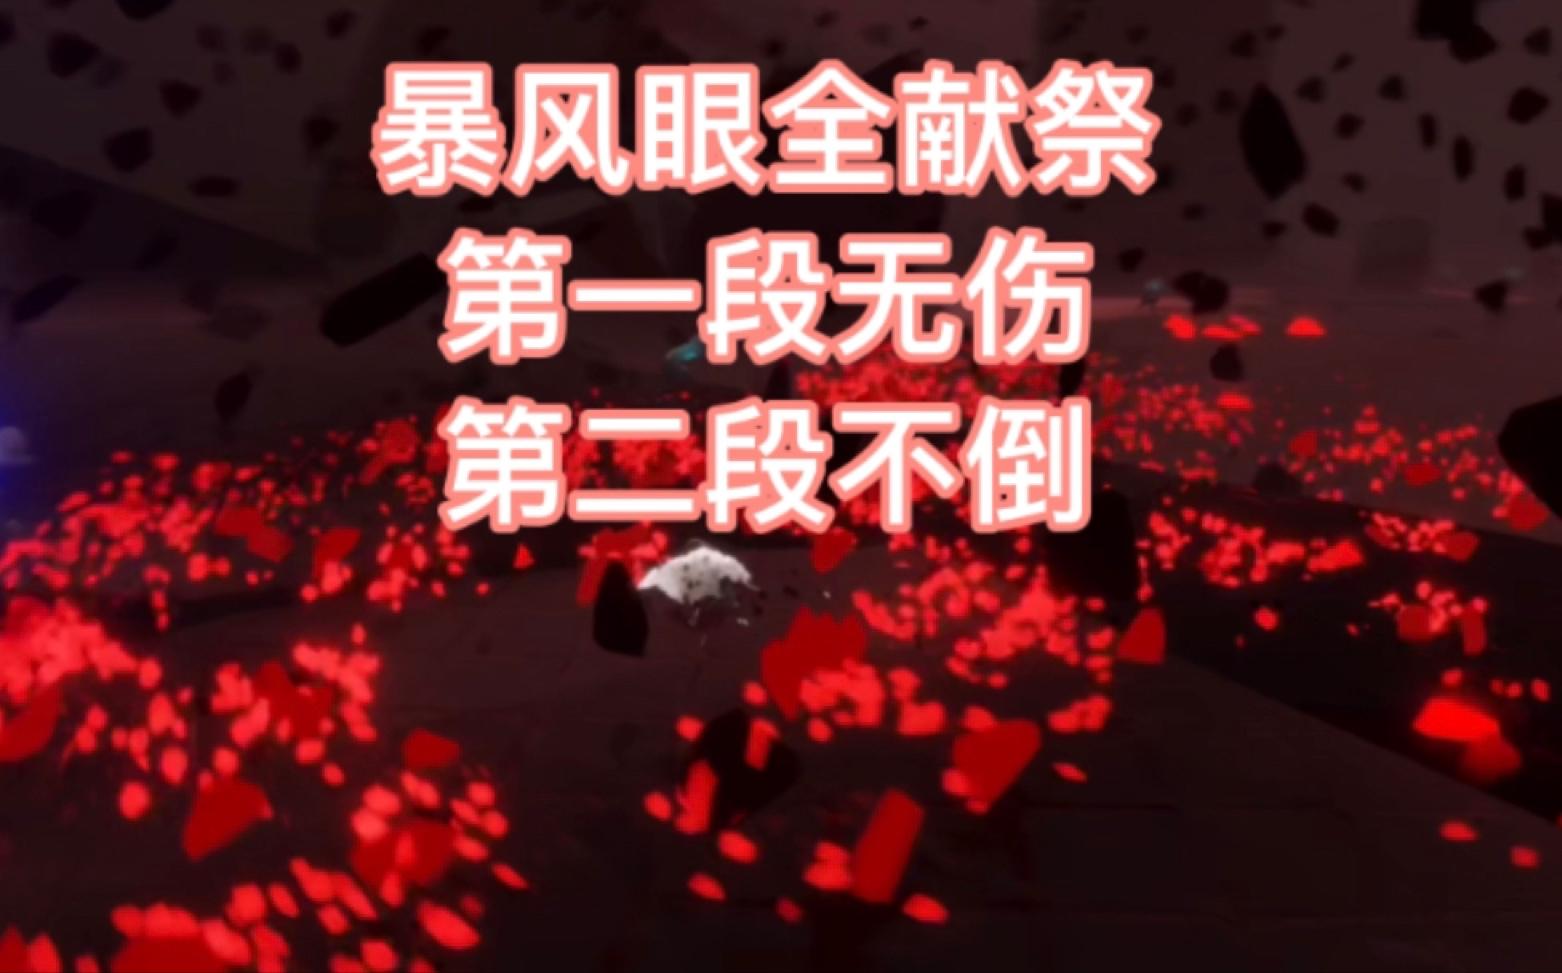 游戏资讯_【sky光遇献祭】暴风眼全献祭路线 第一段无伤第二段不倒地 ...